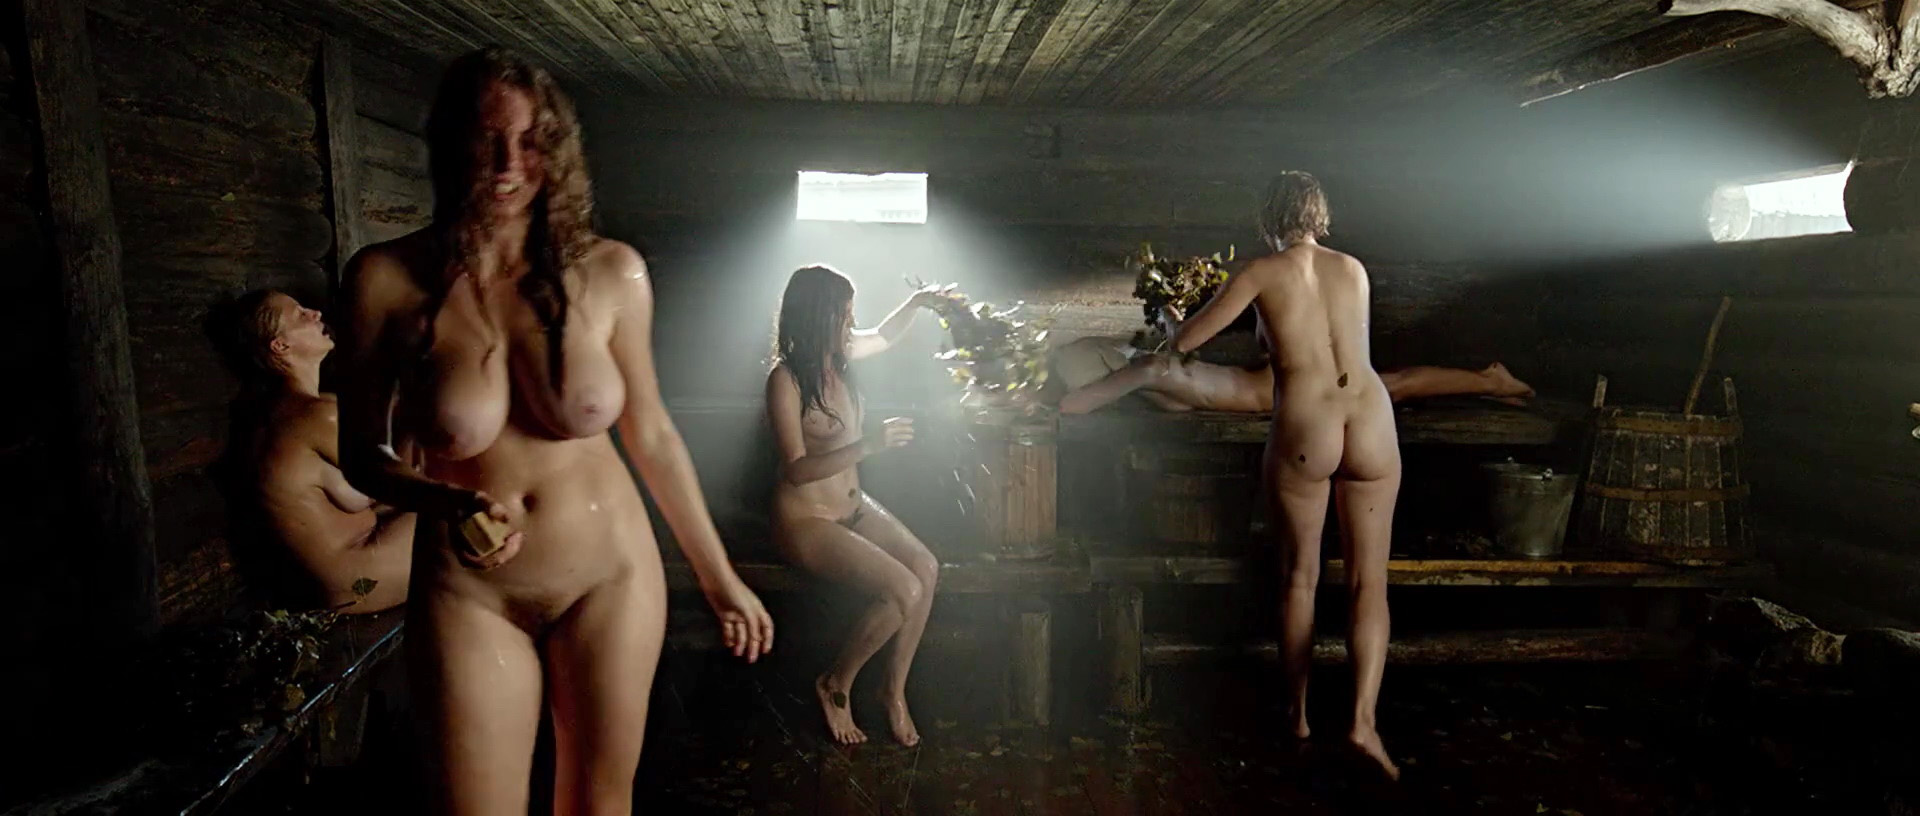 фрагменты из секс спектаклей эротические сцены видео